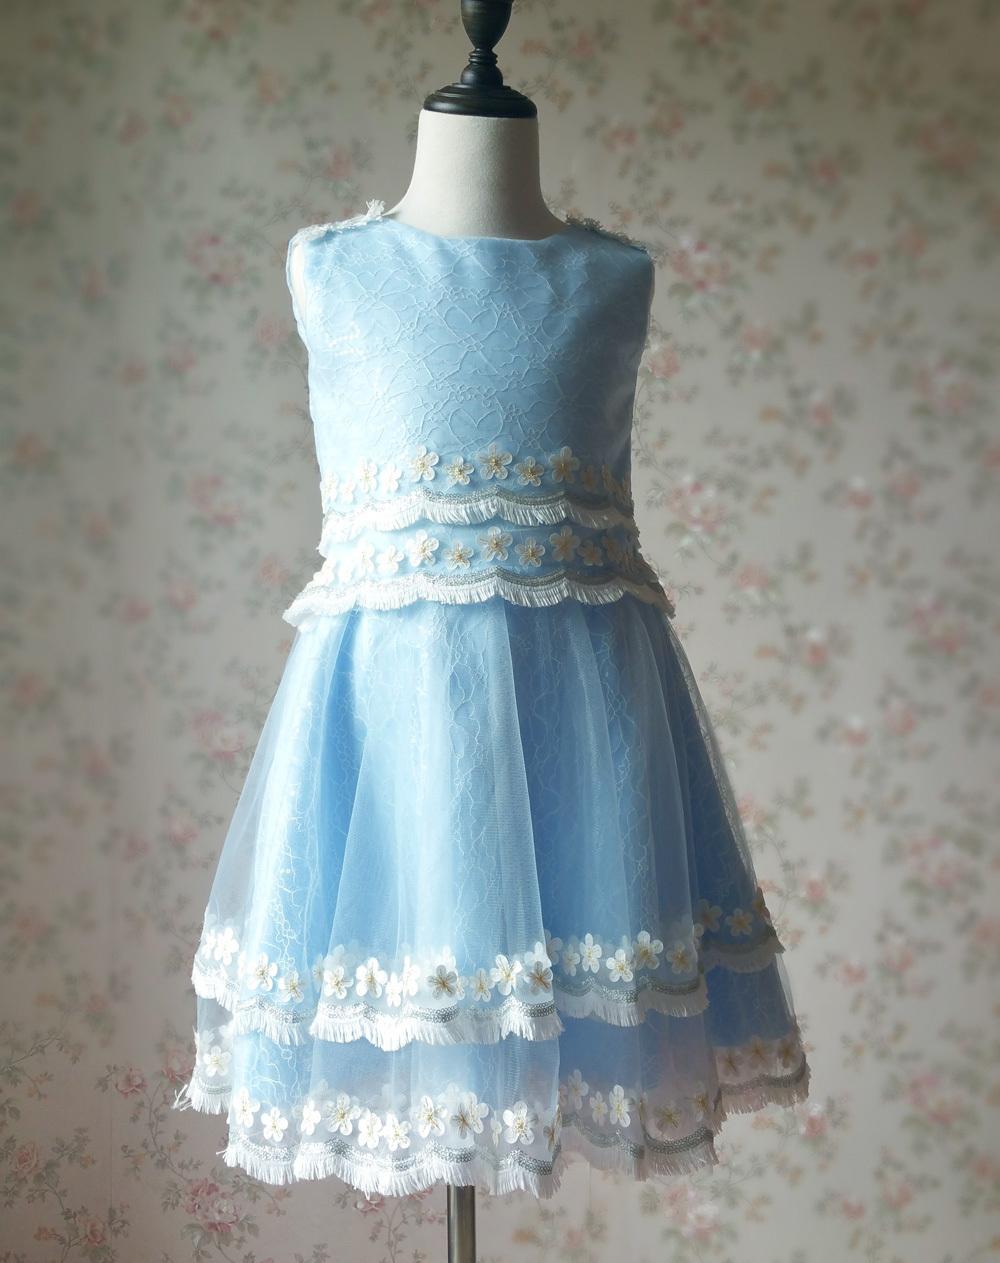 Bluelace1